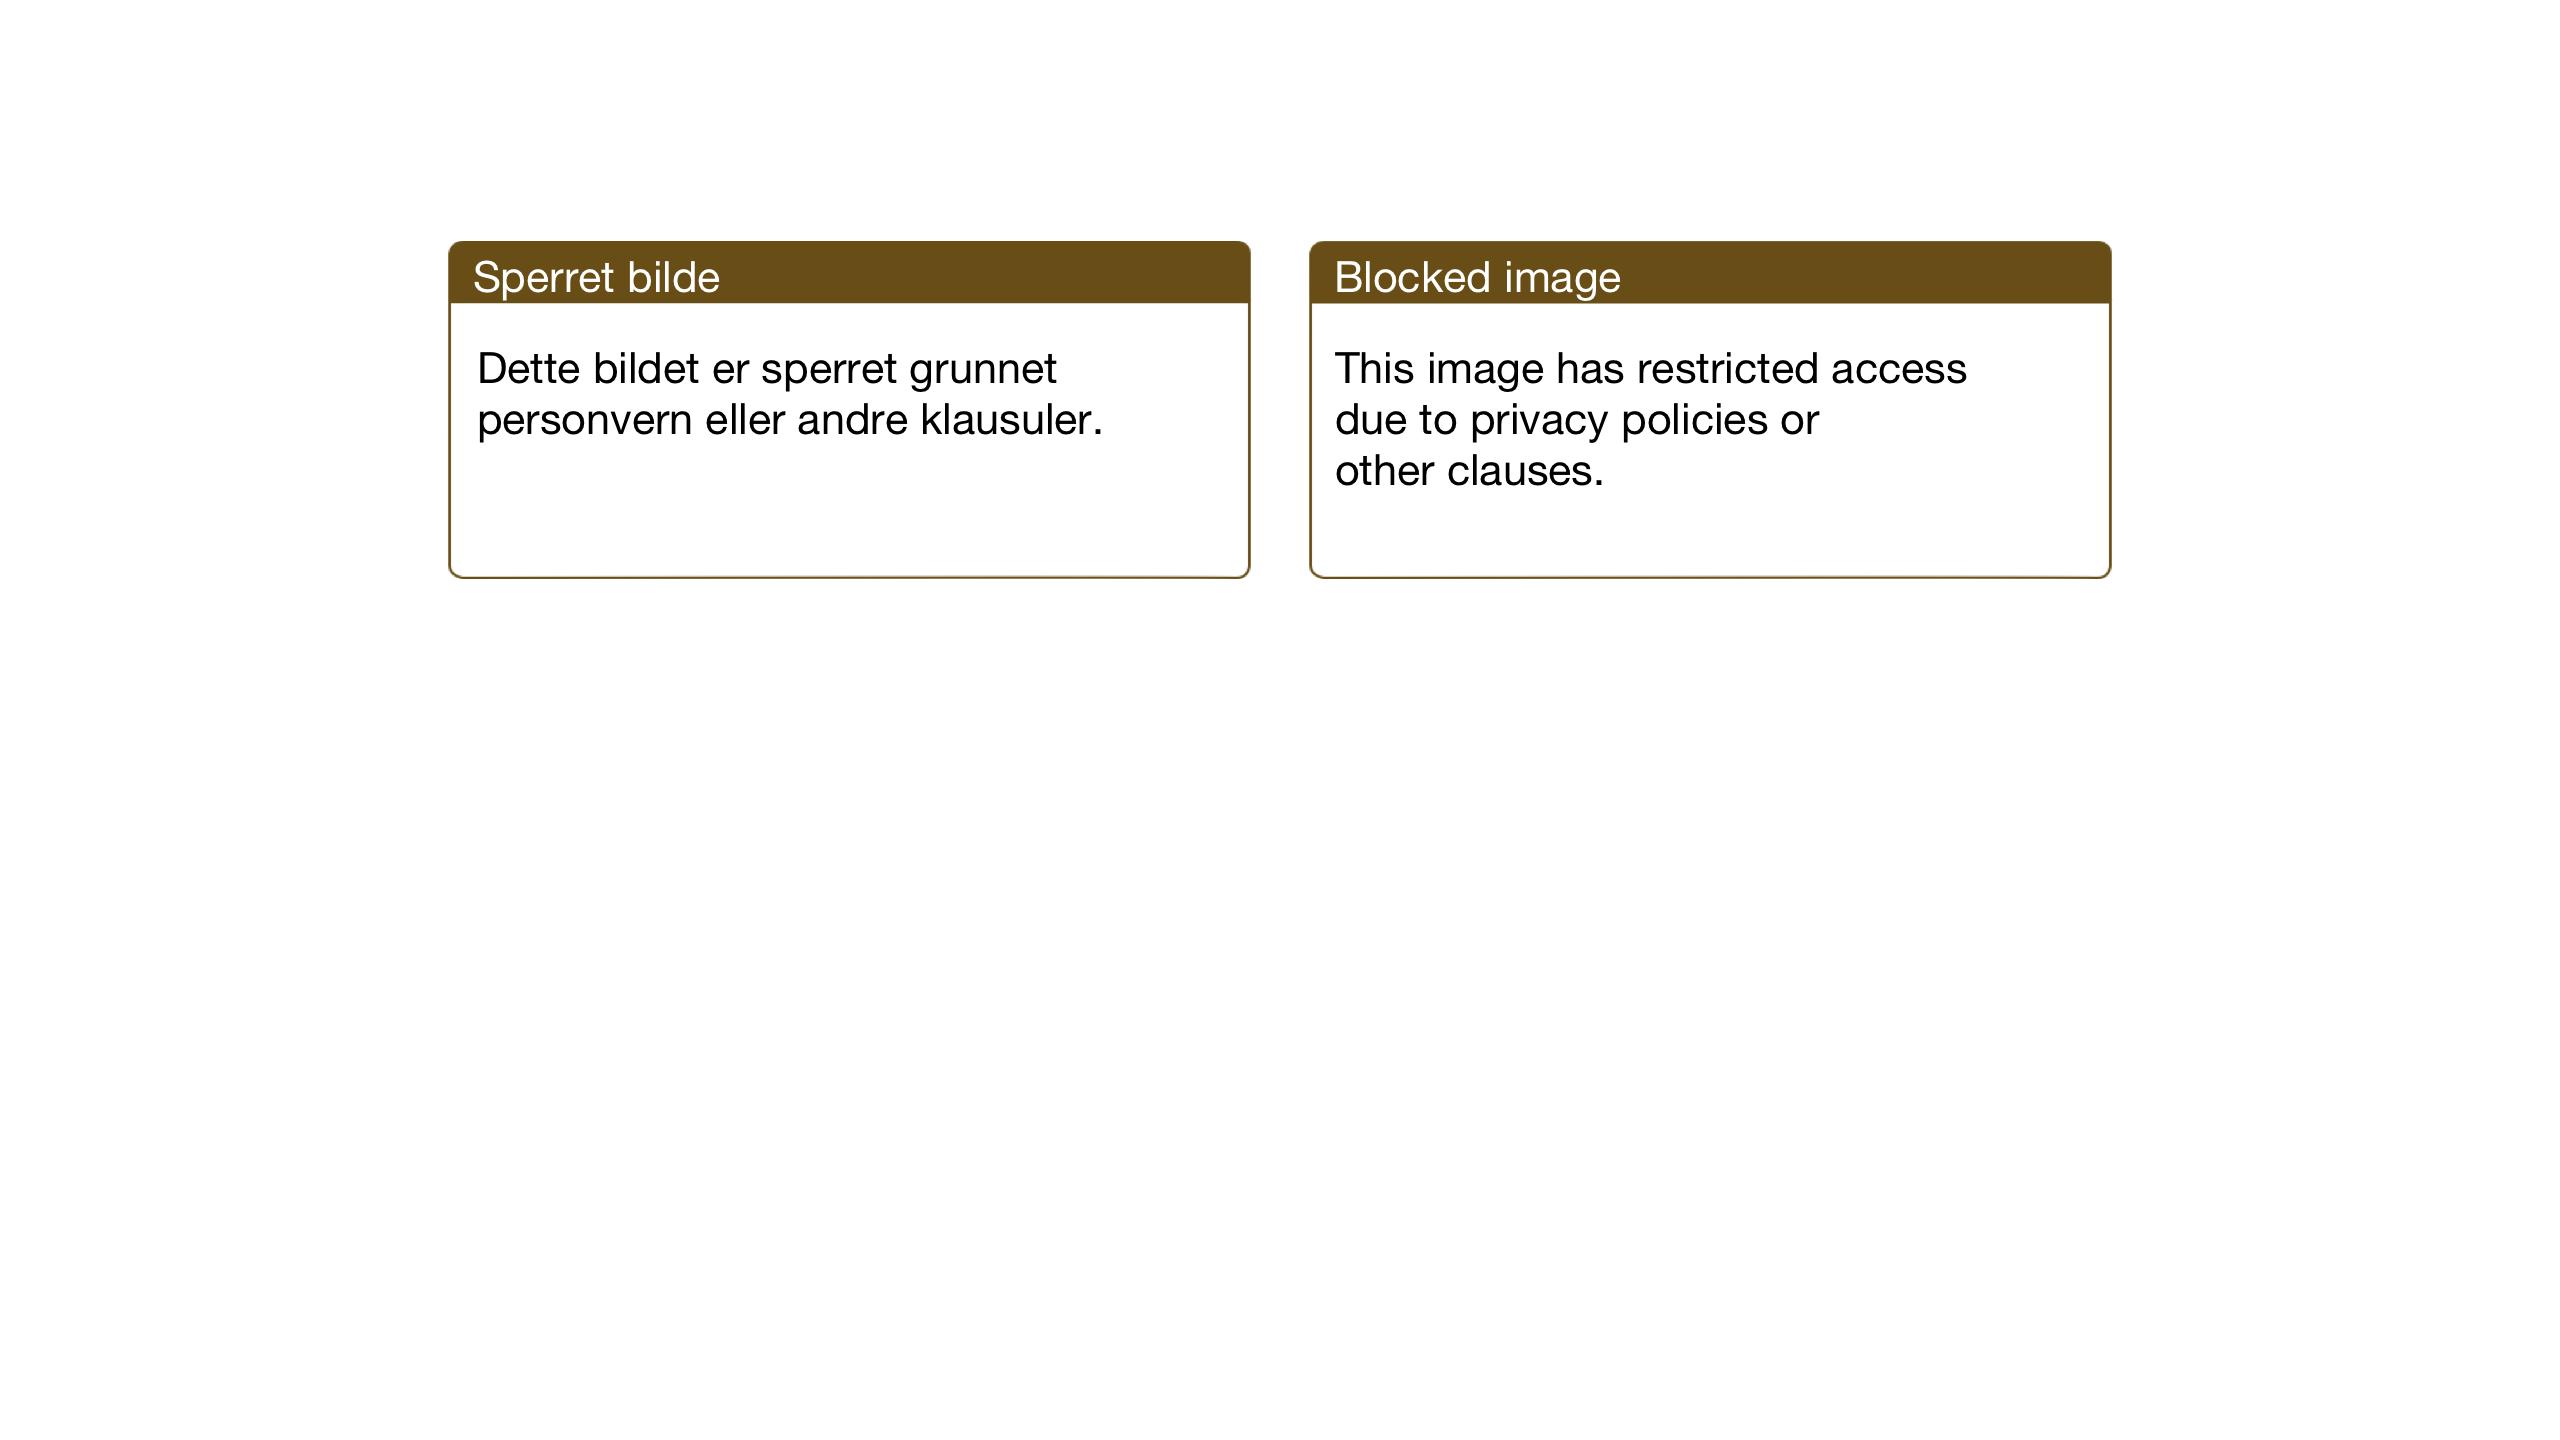 SAT, Ministerialprotokoller, klokkerbøker og fødselsregistre - Sør-Trøndelag, 682/L0947: Klokkerbok nr. 682C01, 1926-1968, s. 85